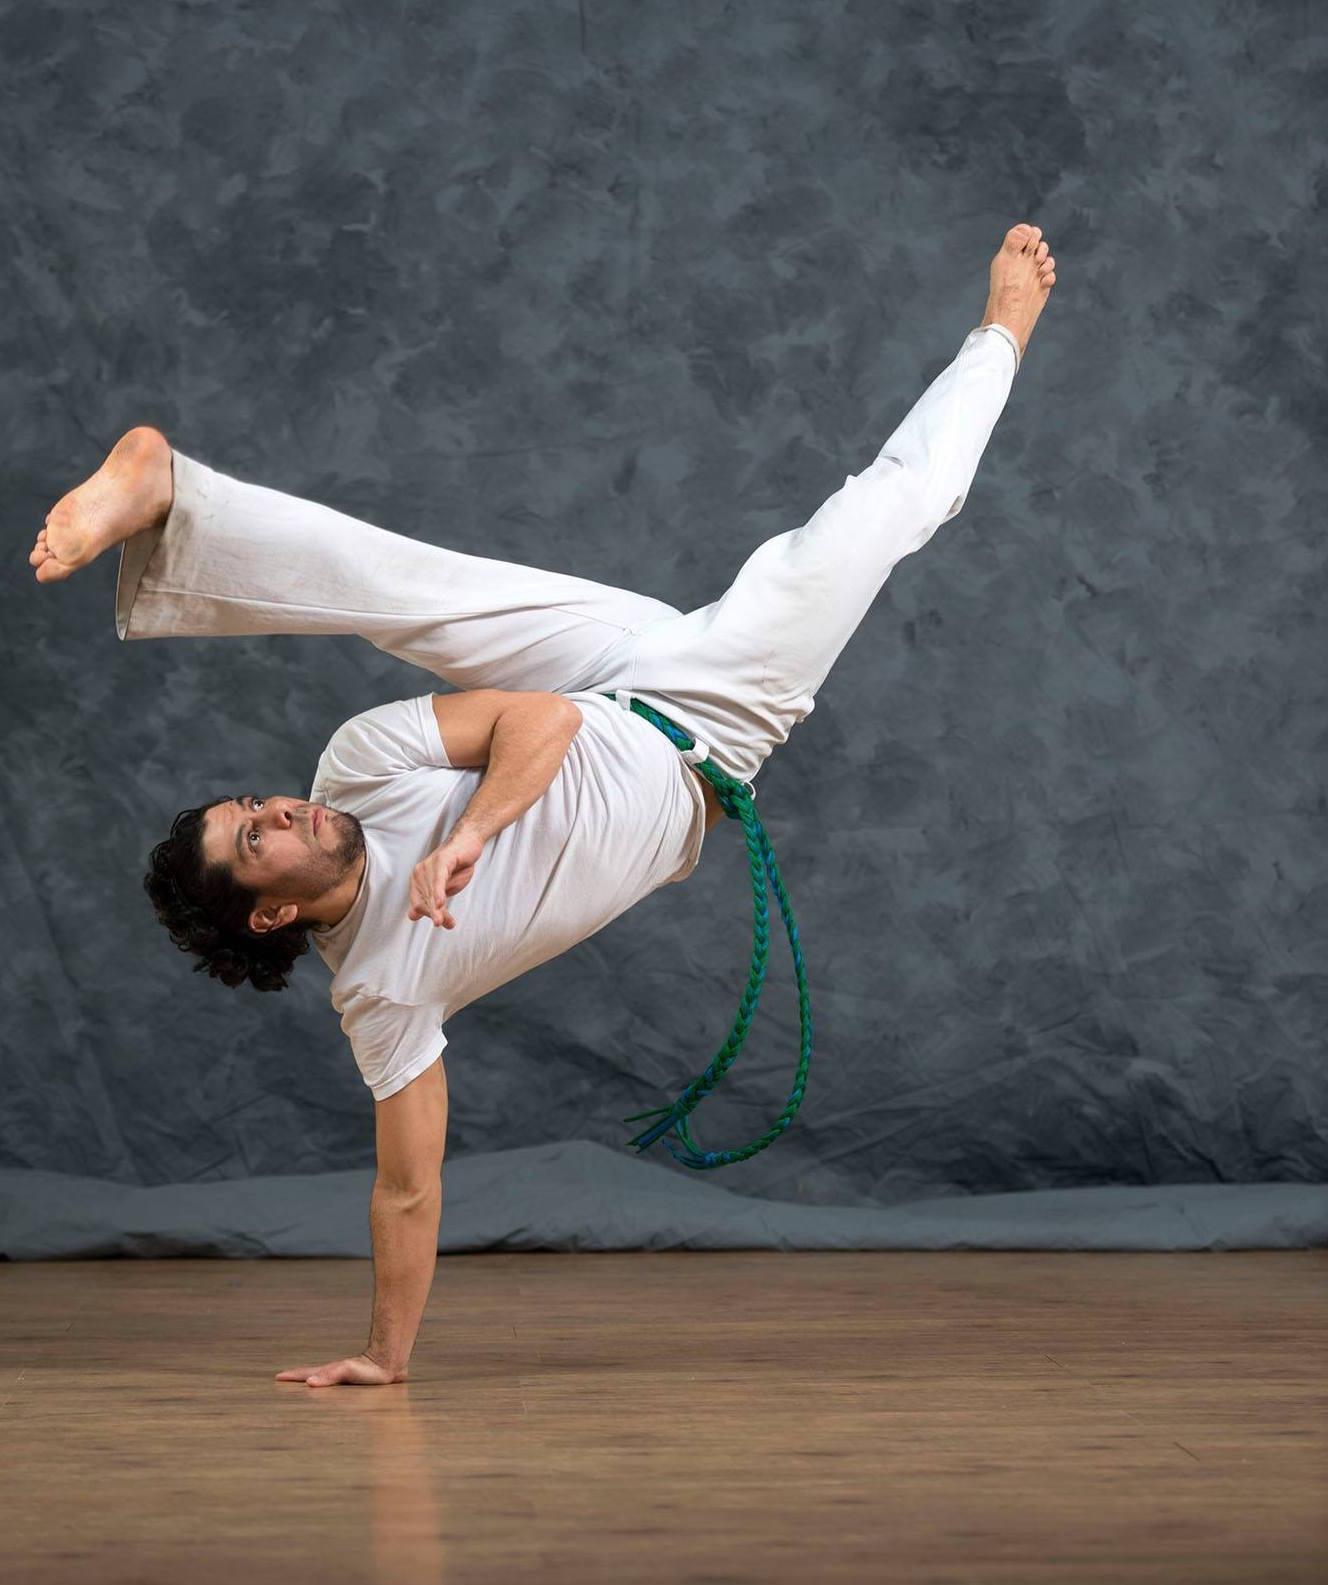 Что такое капоэйра? бразильский боевой танец капоэйра в россии для мужчин, женщин и детей: упражнения для начинающих в домашних условиях